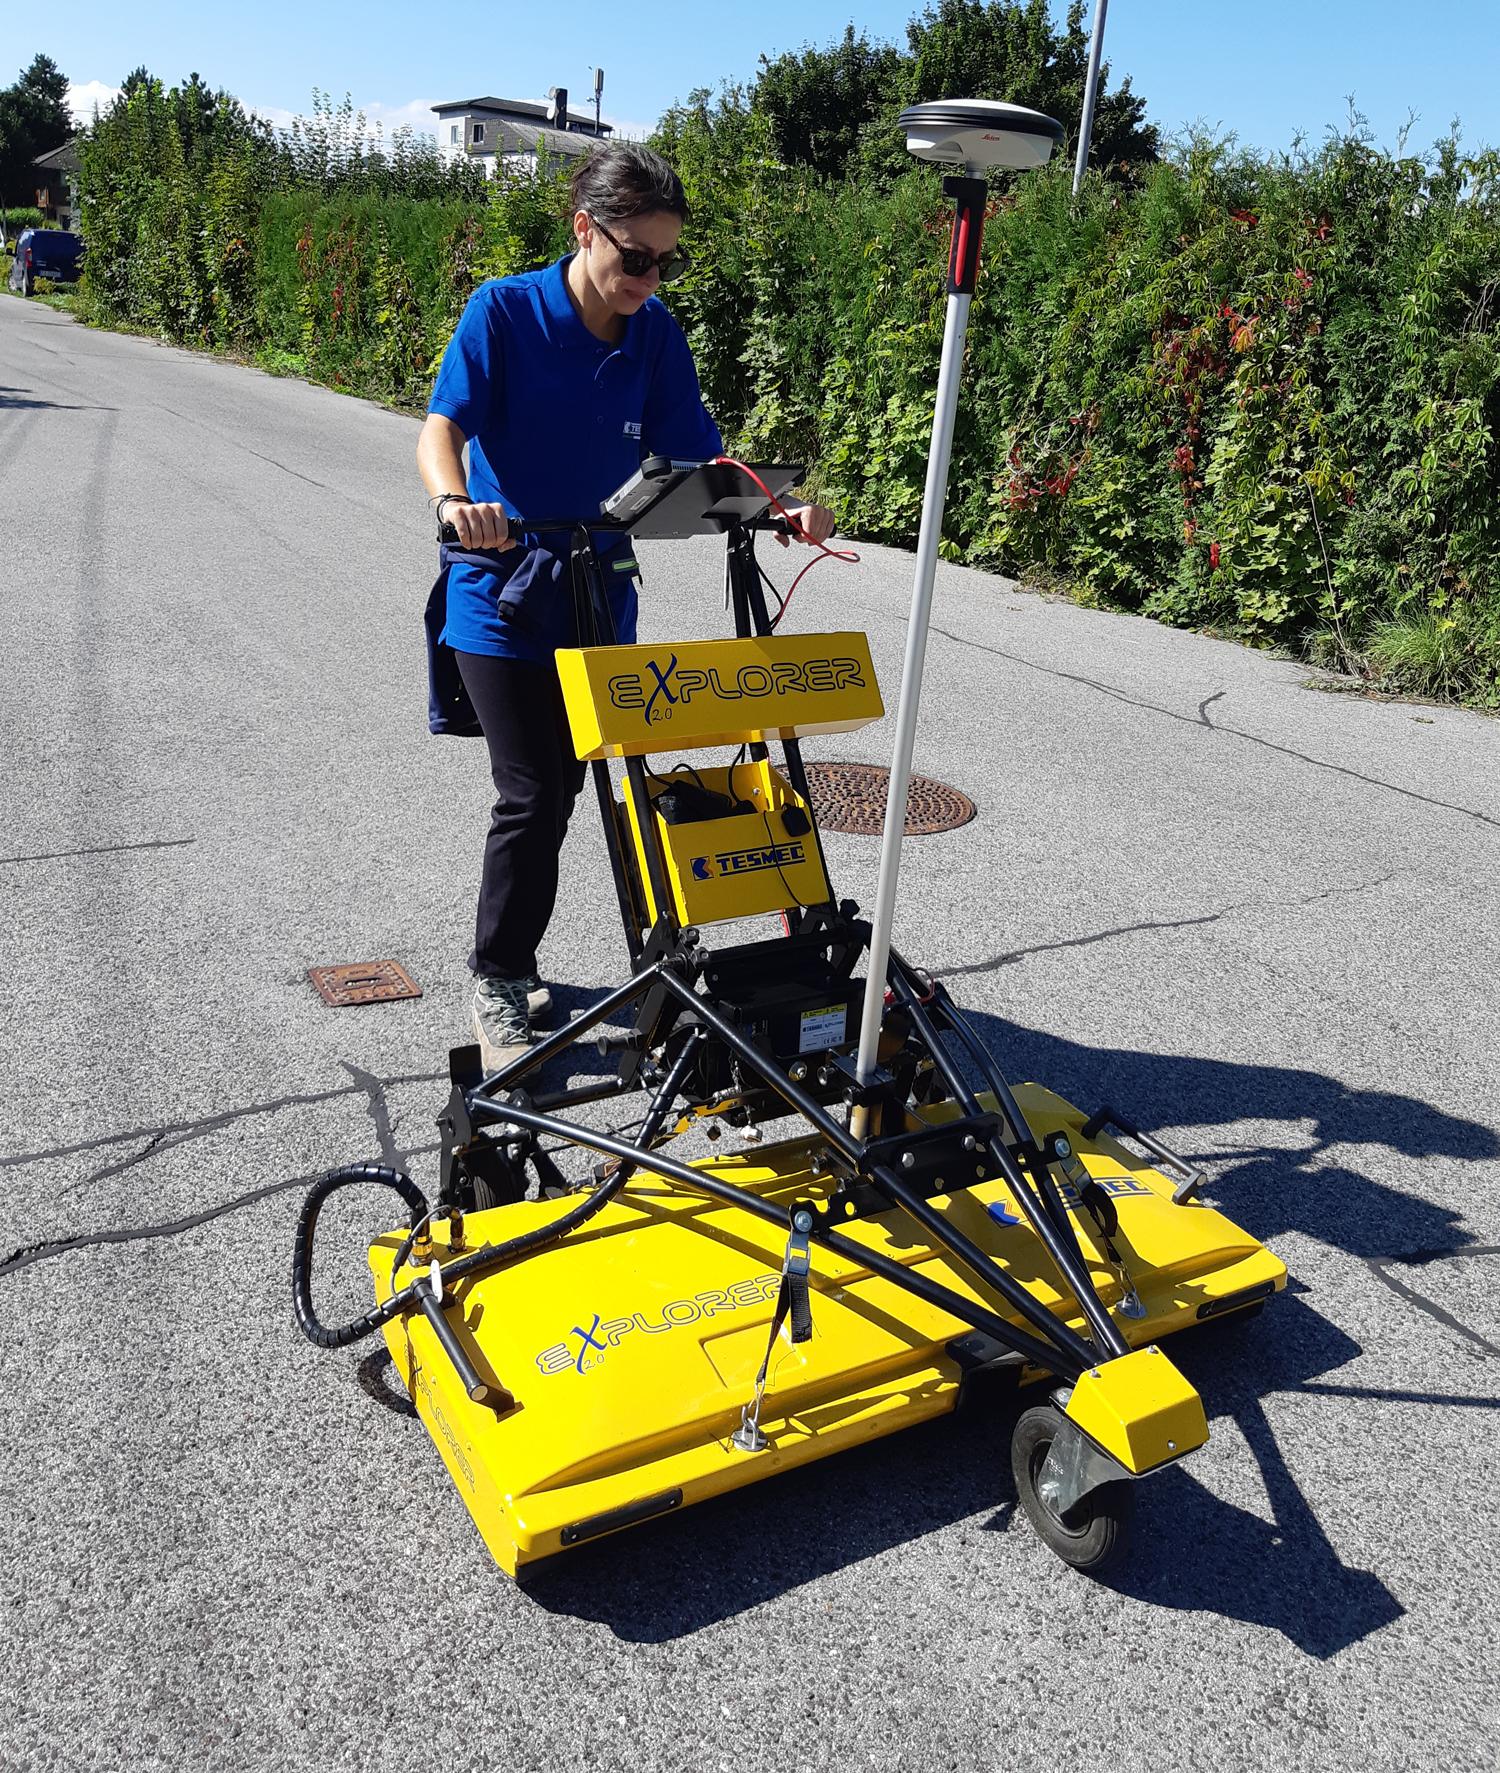 Tesmec Georadar Explorer 2.0 Ground Probing Radar which detects underground utility